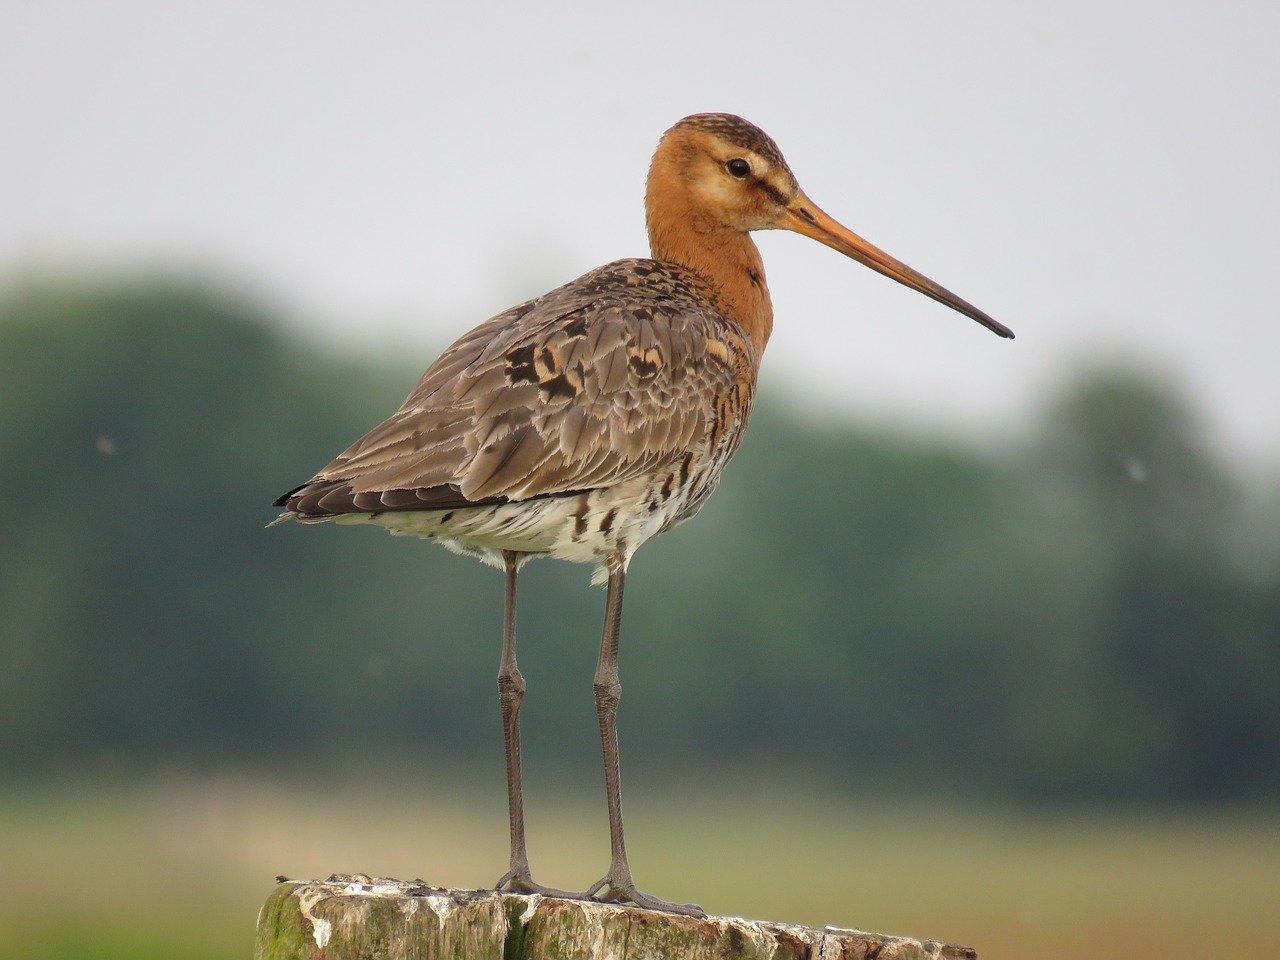 Bientôt l'ouverture de la chasse des oiseaux de passage et du gibier d'eau